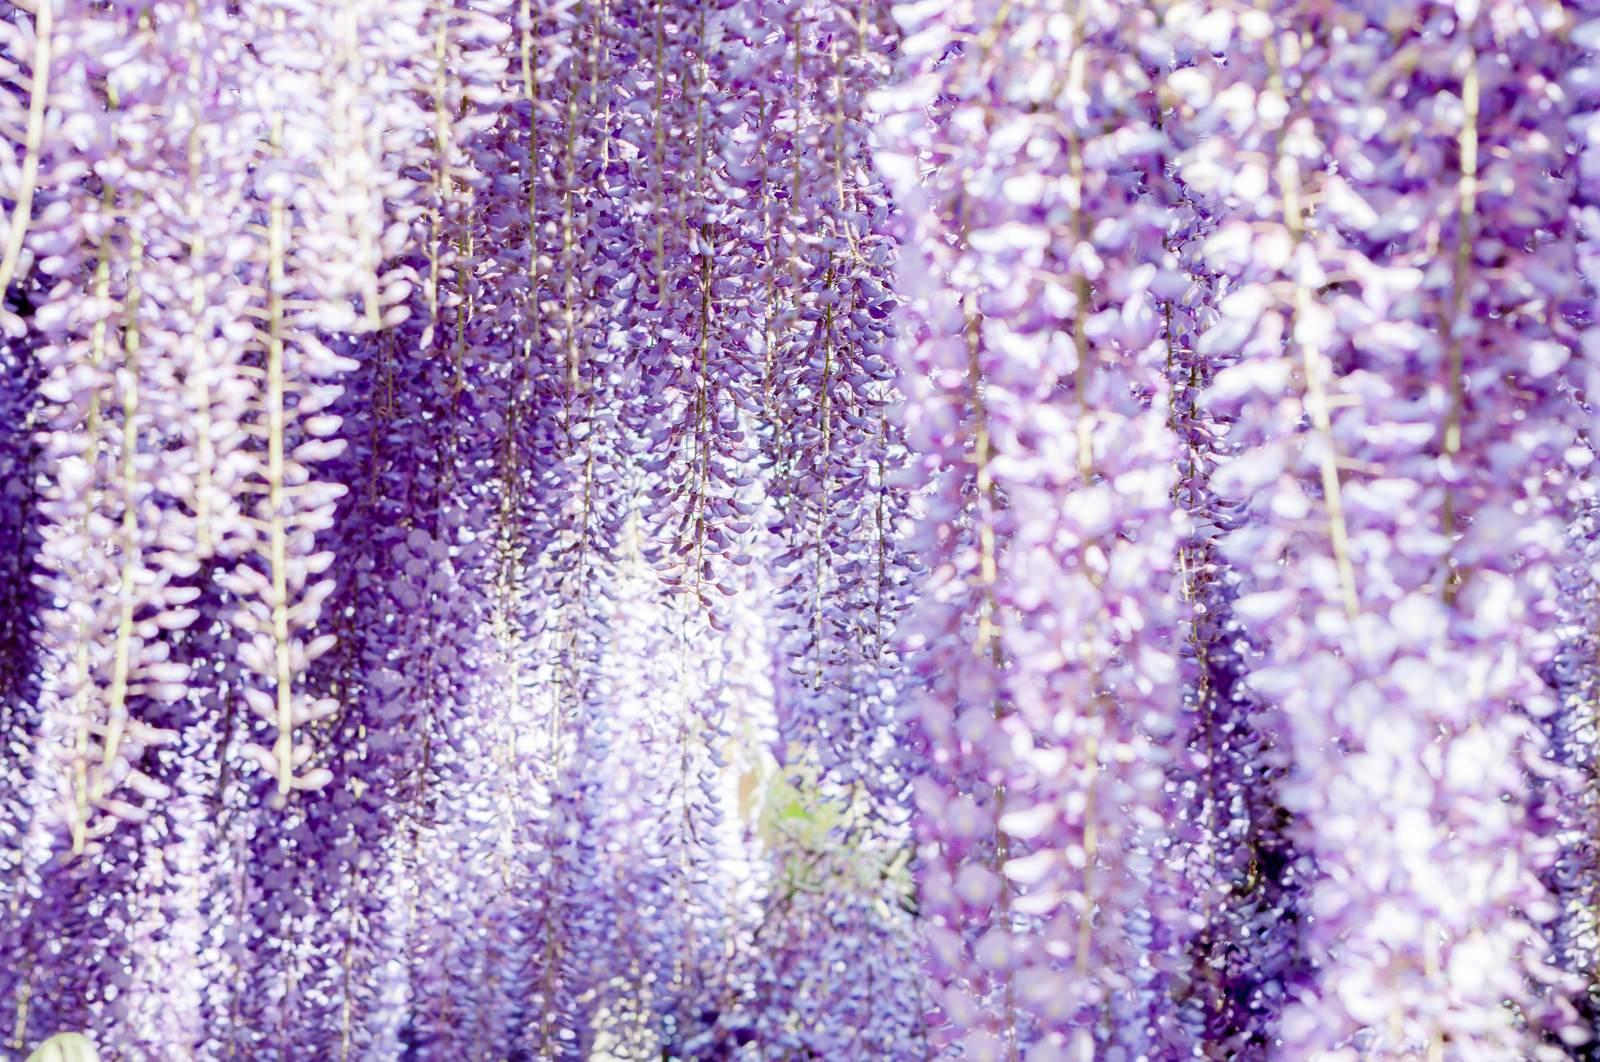 まるで花札のよう!美しい藤の花の高画質画像30選!